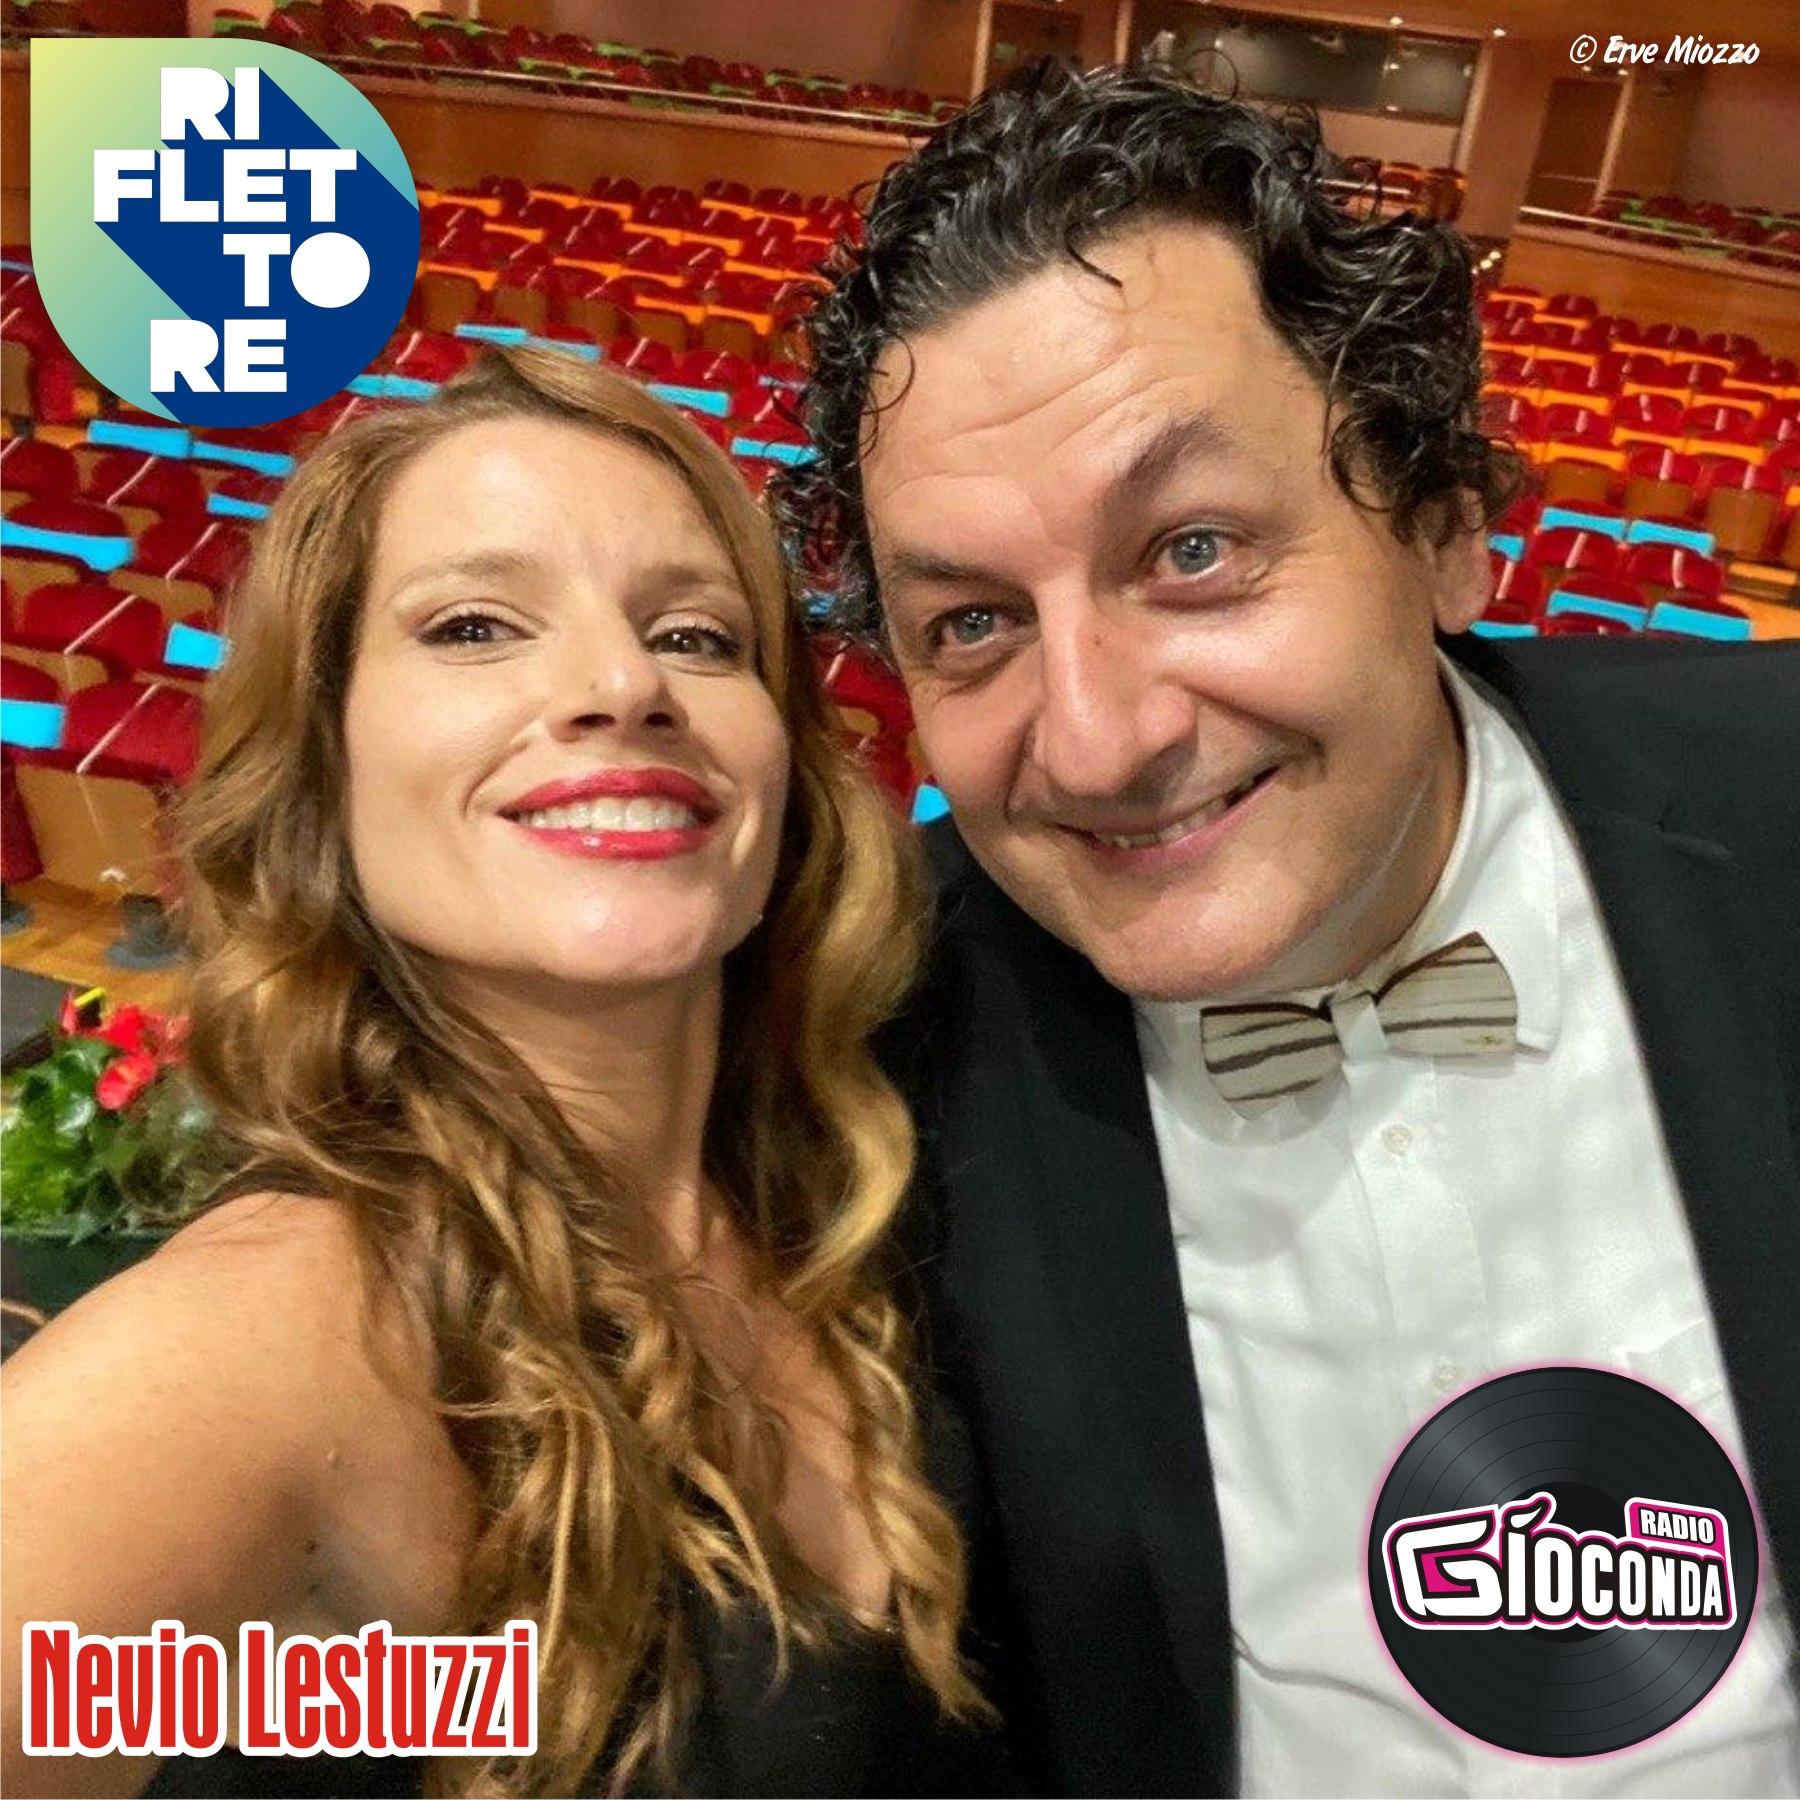 Riflettore con Nevio Lestuzzi, direttore artistico di Percoto Canta